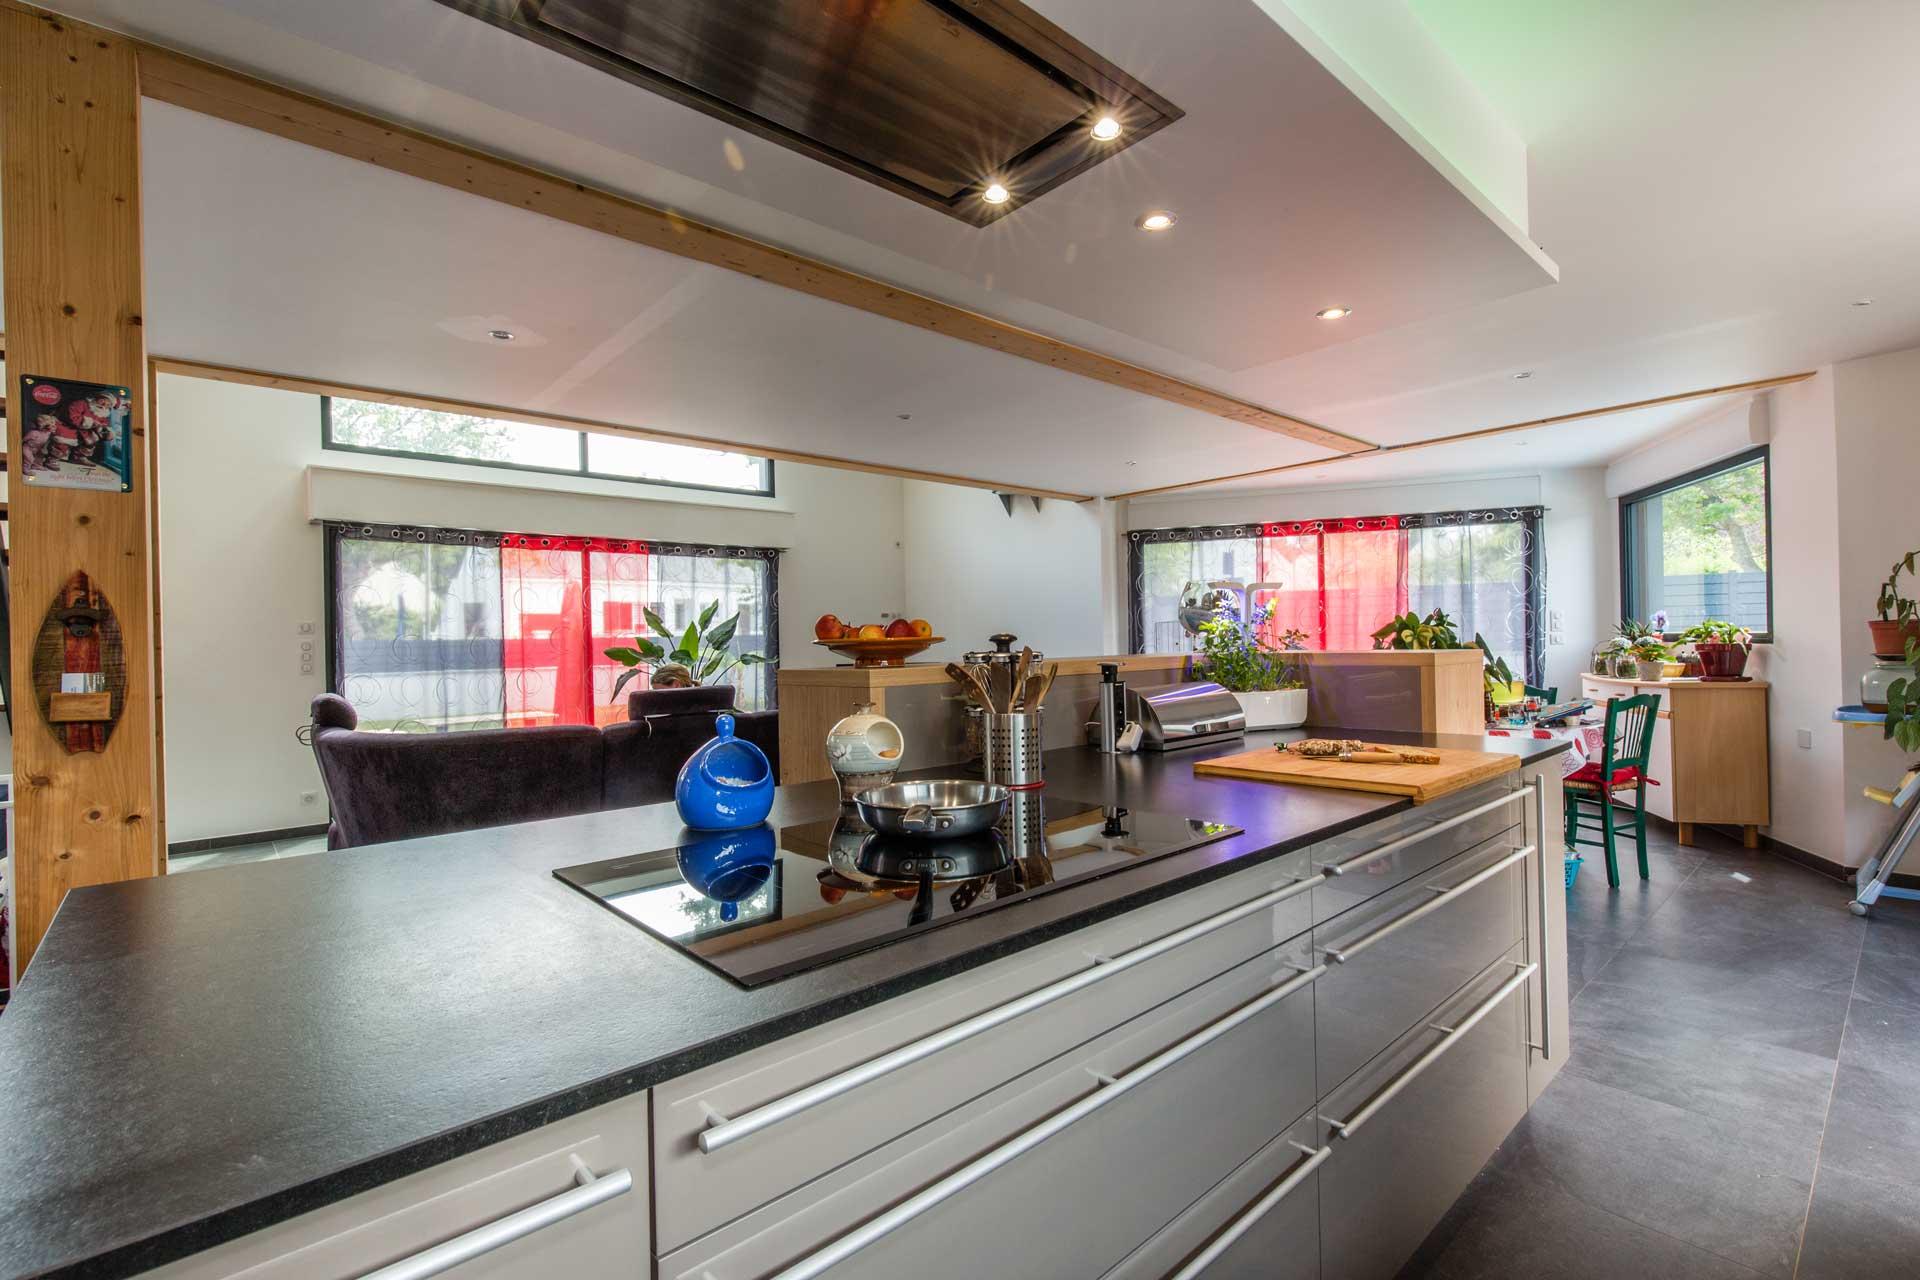 Très contemporaine cette cuisine allie le brillant de la laque des façades avec le bois et le noir structuré du granit